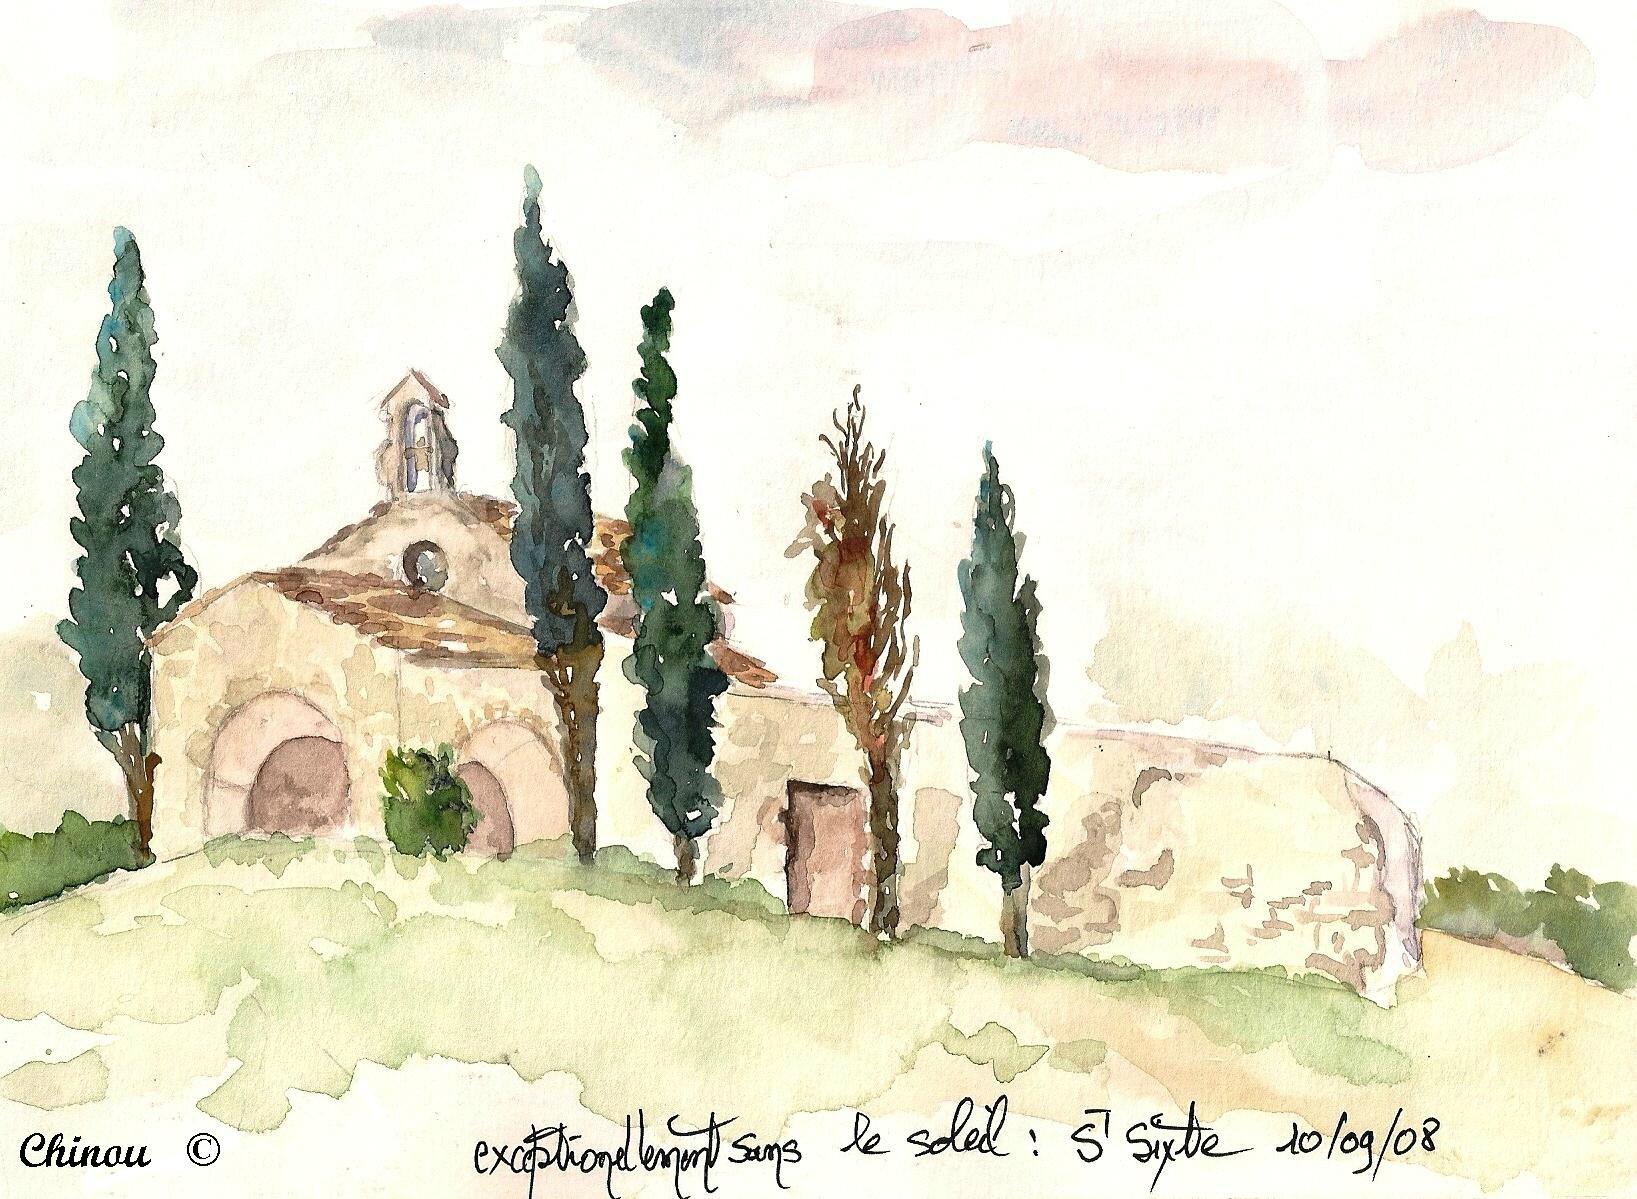 St Sixte